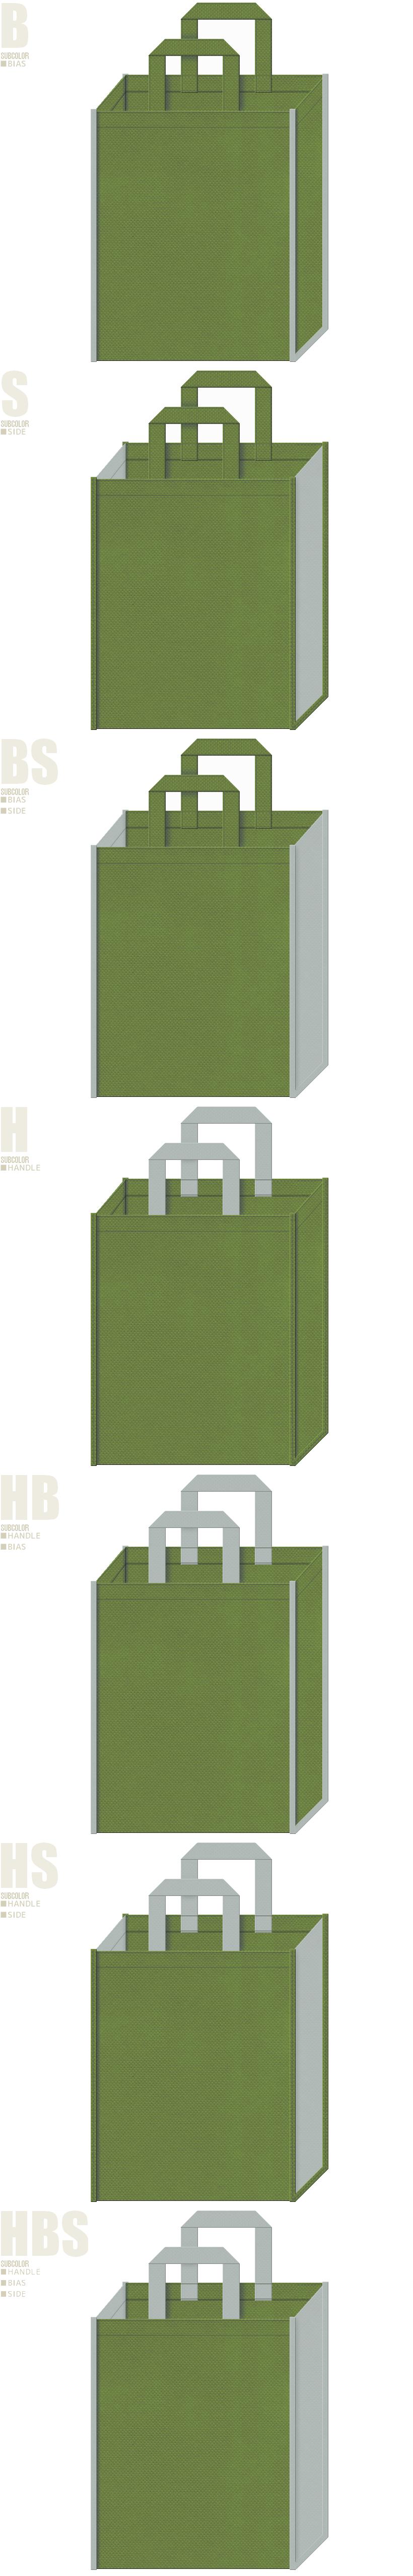 和モダン・和風エクステリアの展示会用バッグにお奨めの不織布バッグデザイン:草色とグレー色の不織布バッグ配色7パターン。